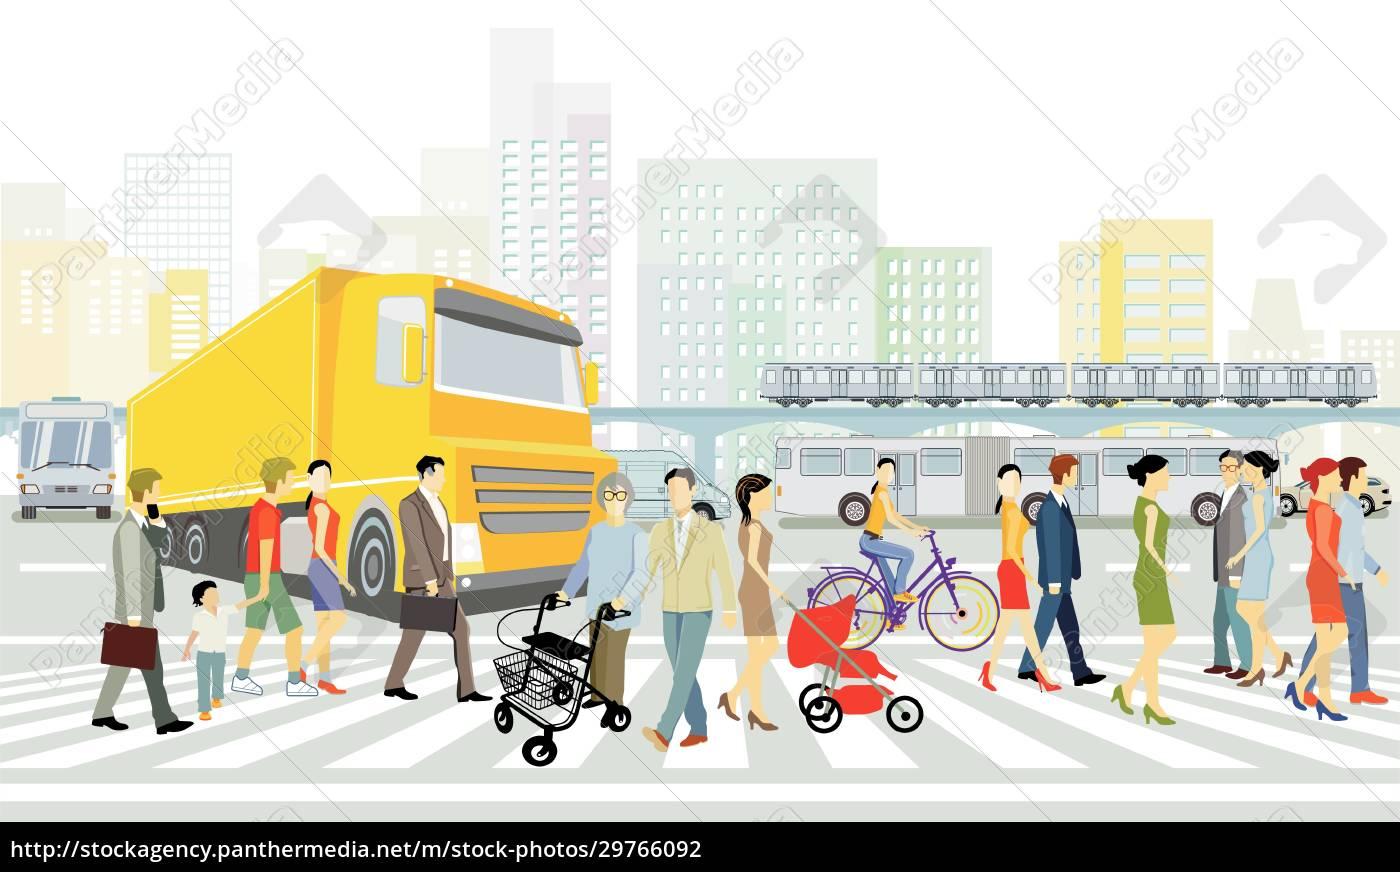 stadt, mit, straßenverkehr, häusern, und, fußgängern, am - 29766092